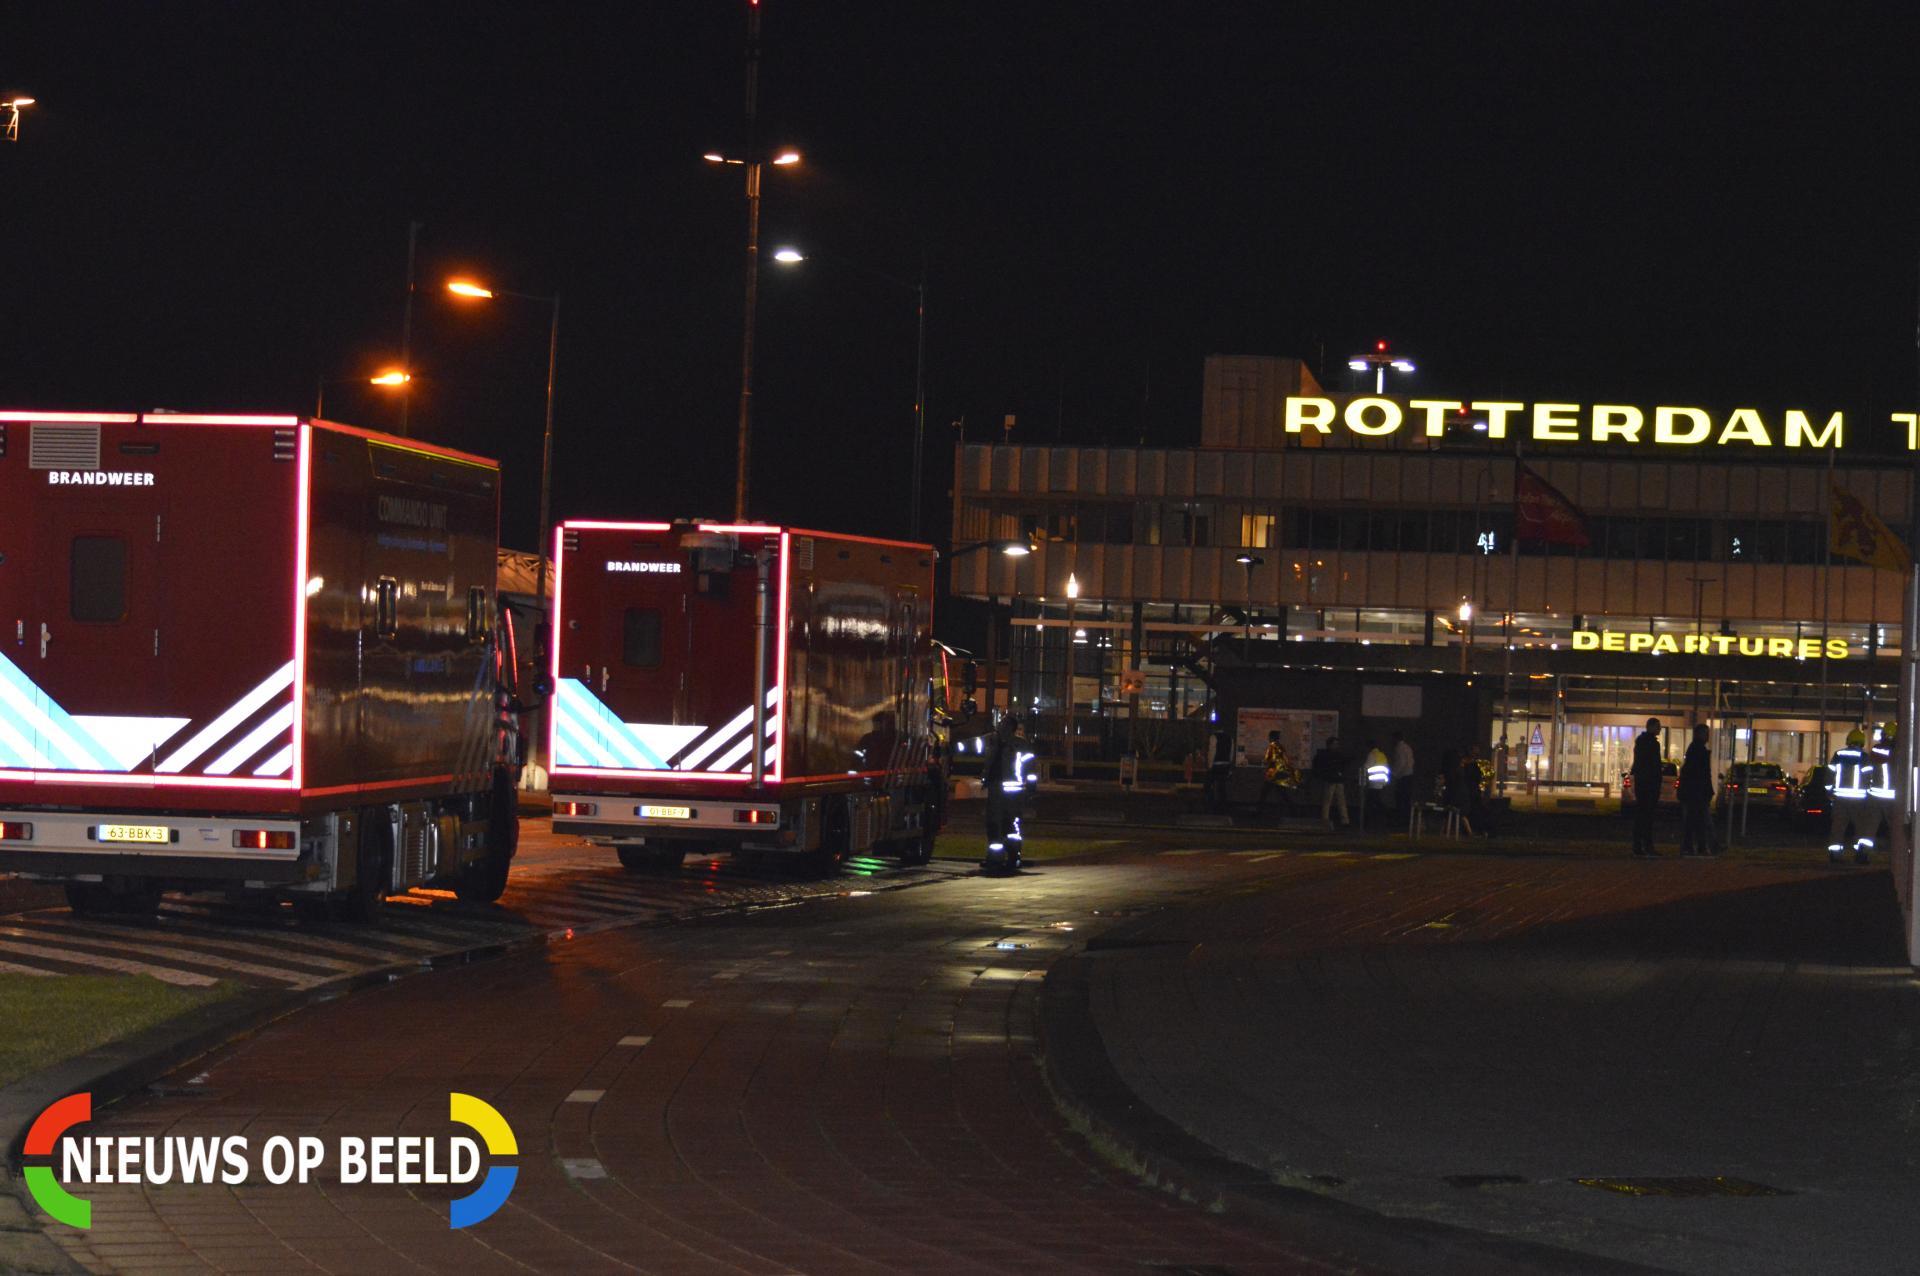 Tweehonderd uur werkstraf voor valse bommelding bij hotel nabij Rotterdam The Hague Airport